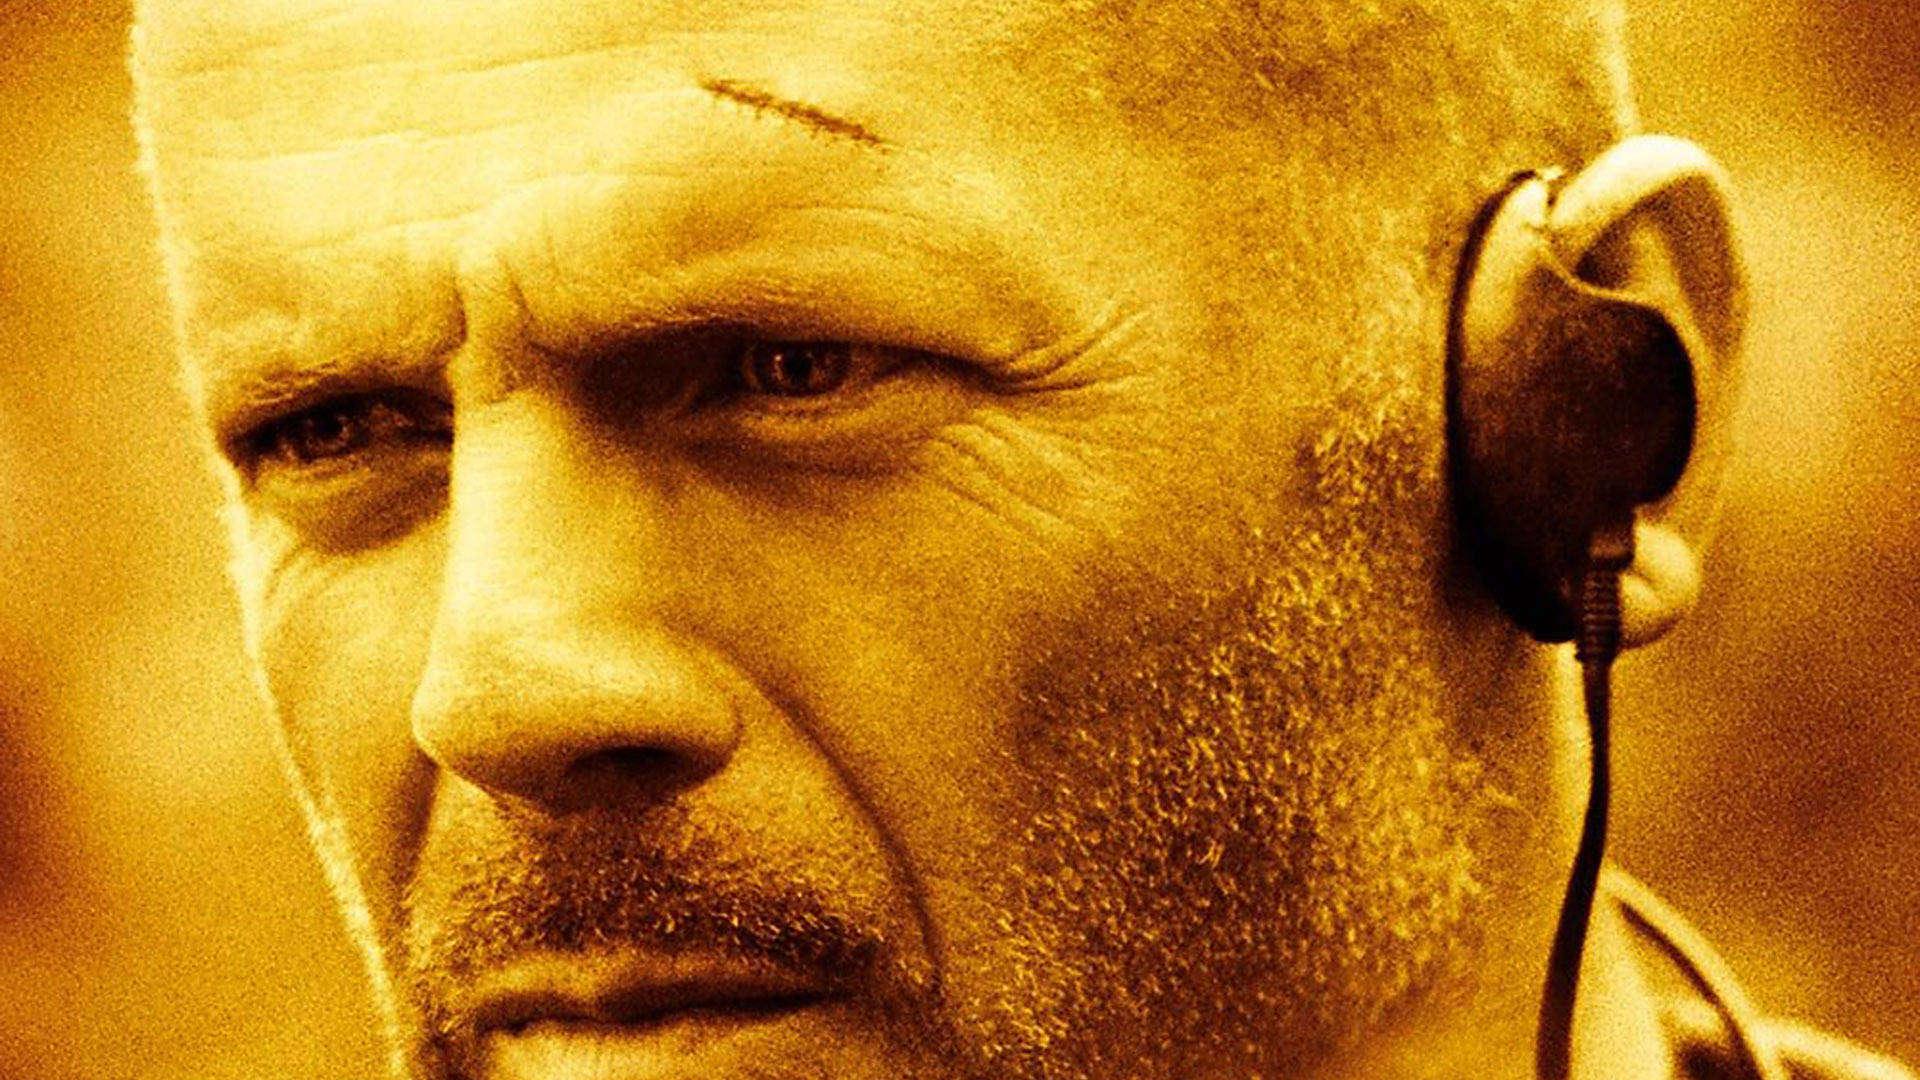 Bruce3 Willis